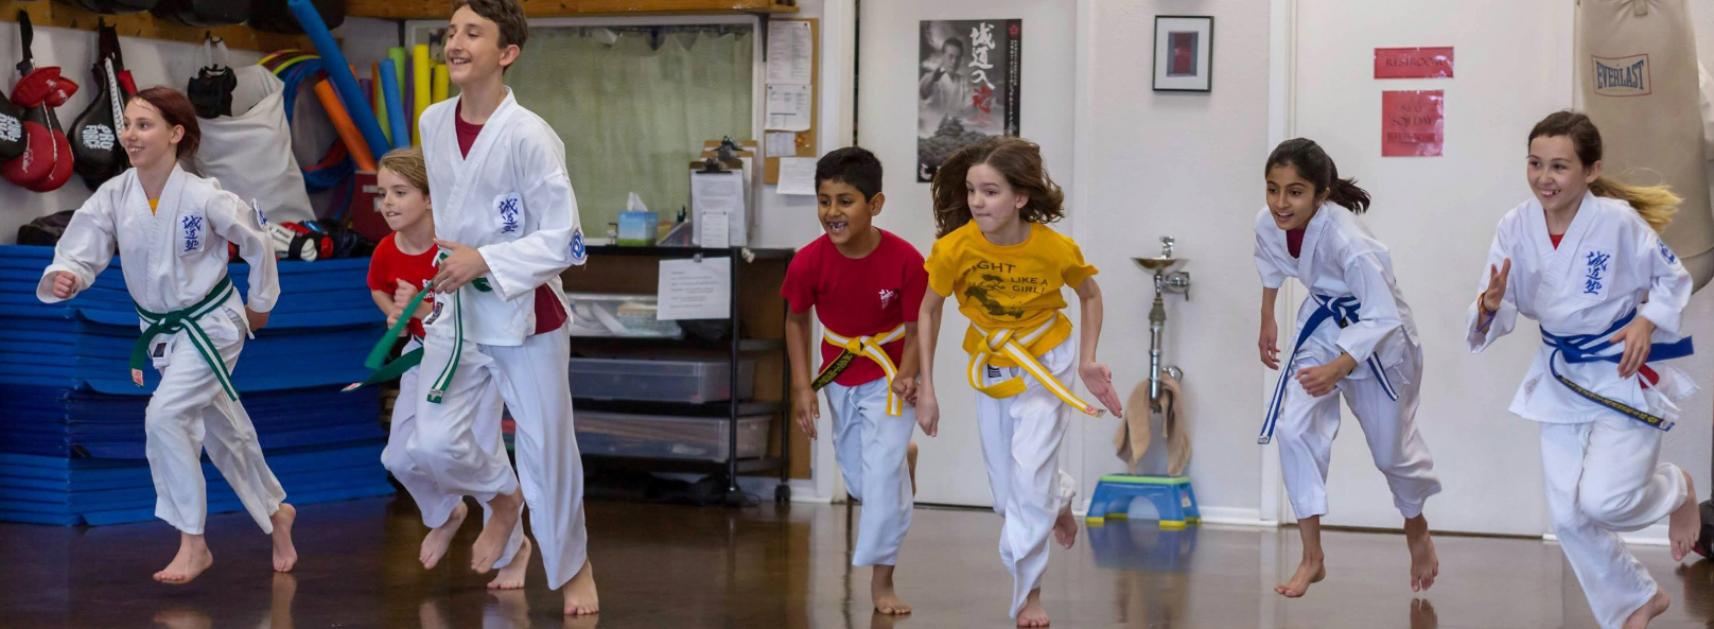 kids running in the dojo